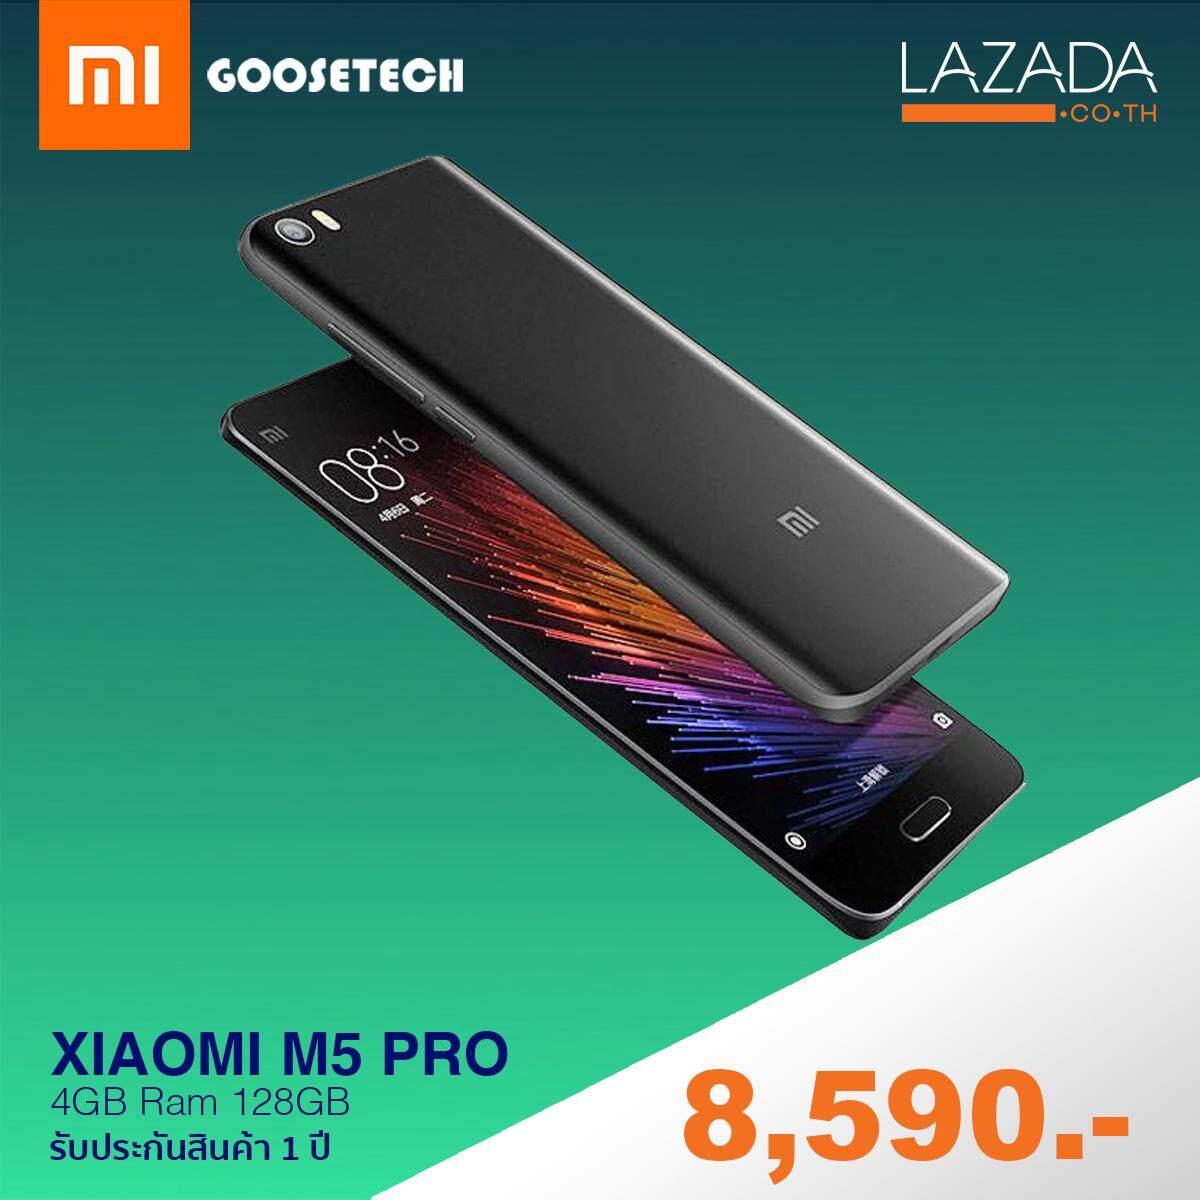 ยี่ห้อนี้ดีไหม  กาฬสินธุ์ Xiaomi Mi 5 Pro Ram 4GB / Rom 128GB (รับประกัน 1 ปี)